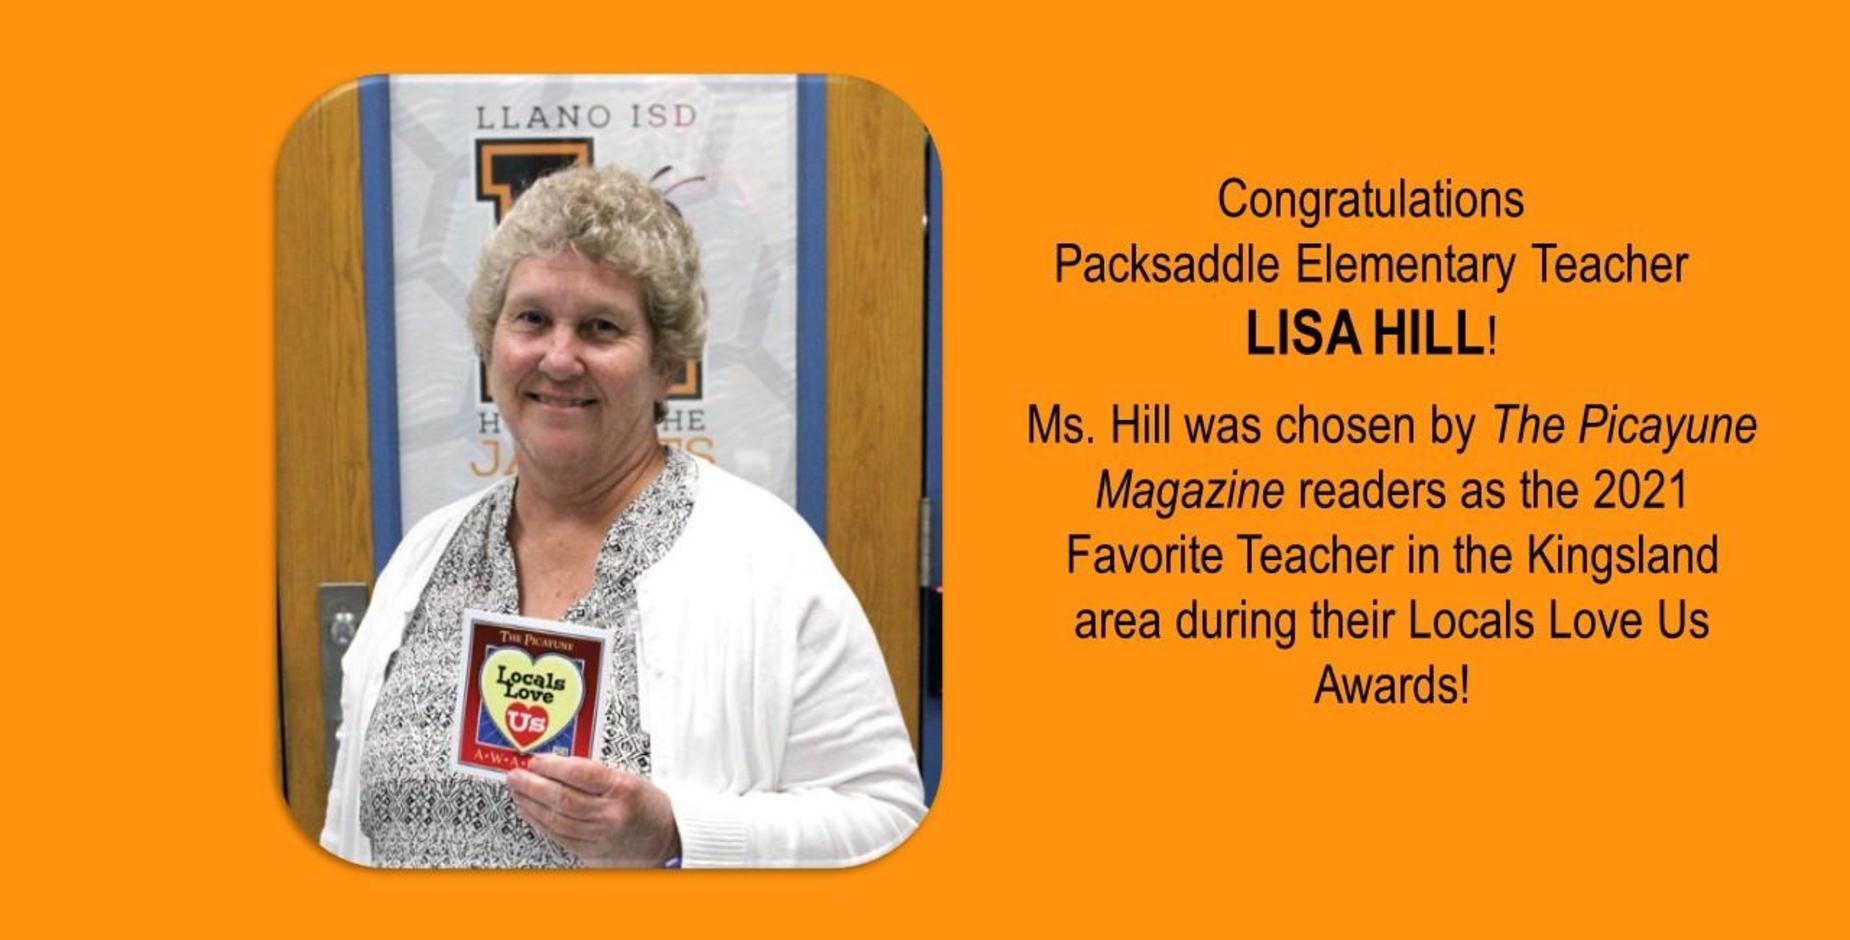 Congrats Lisa Hill